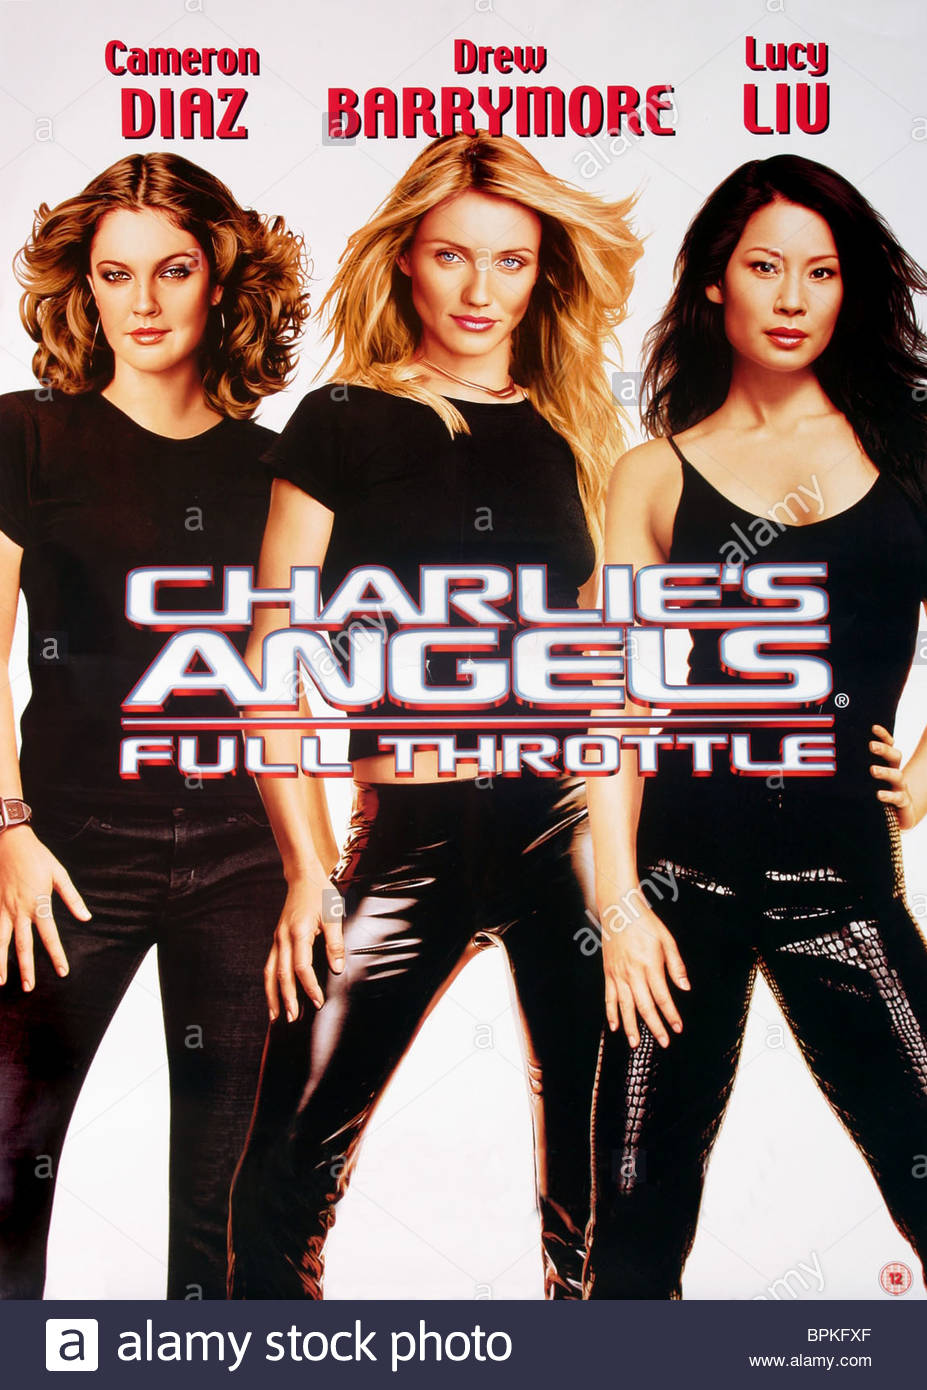 فيلم Charlies Angels Full Throttle 2003 مترجم اون لاين